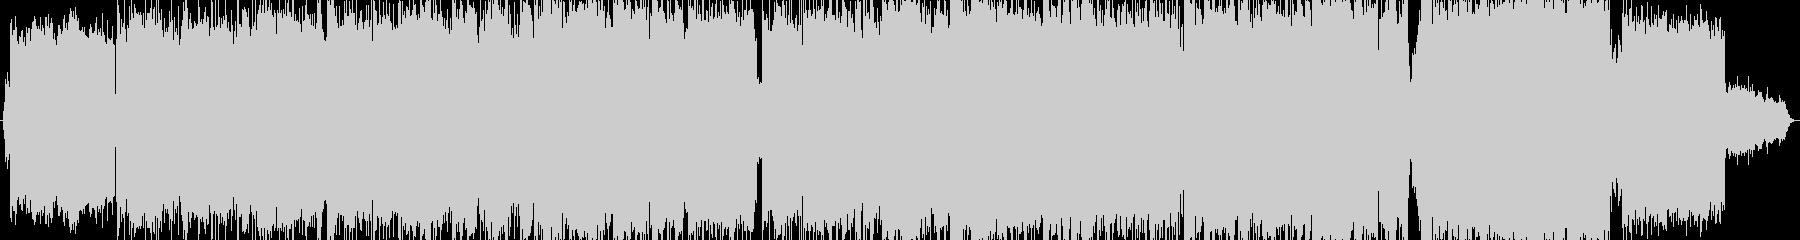 スパニッシュ系R&B風のバラードの未再生の波形